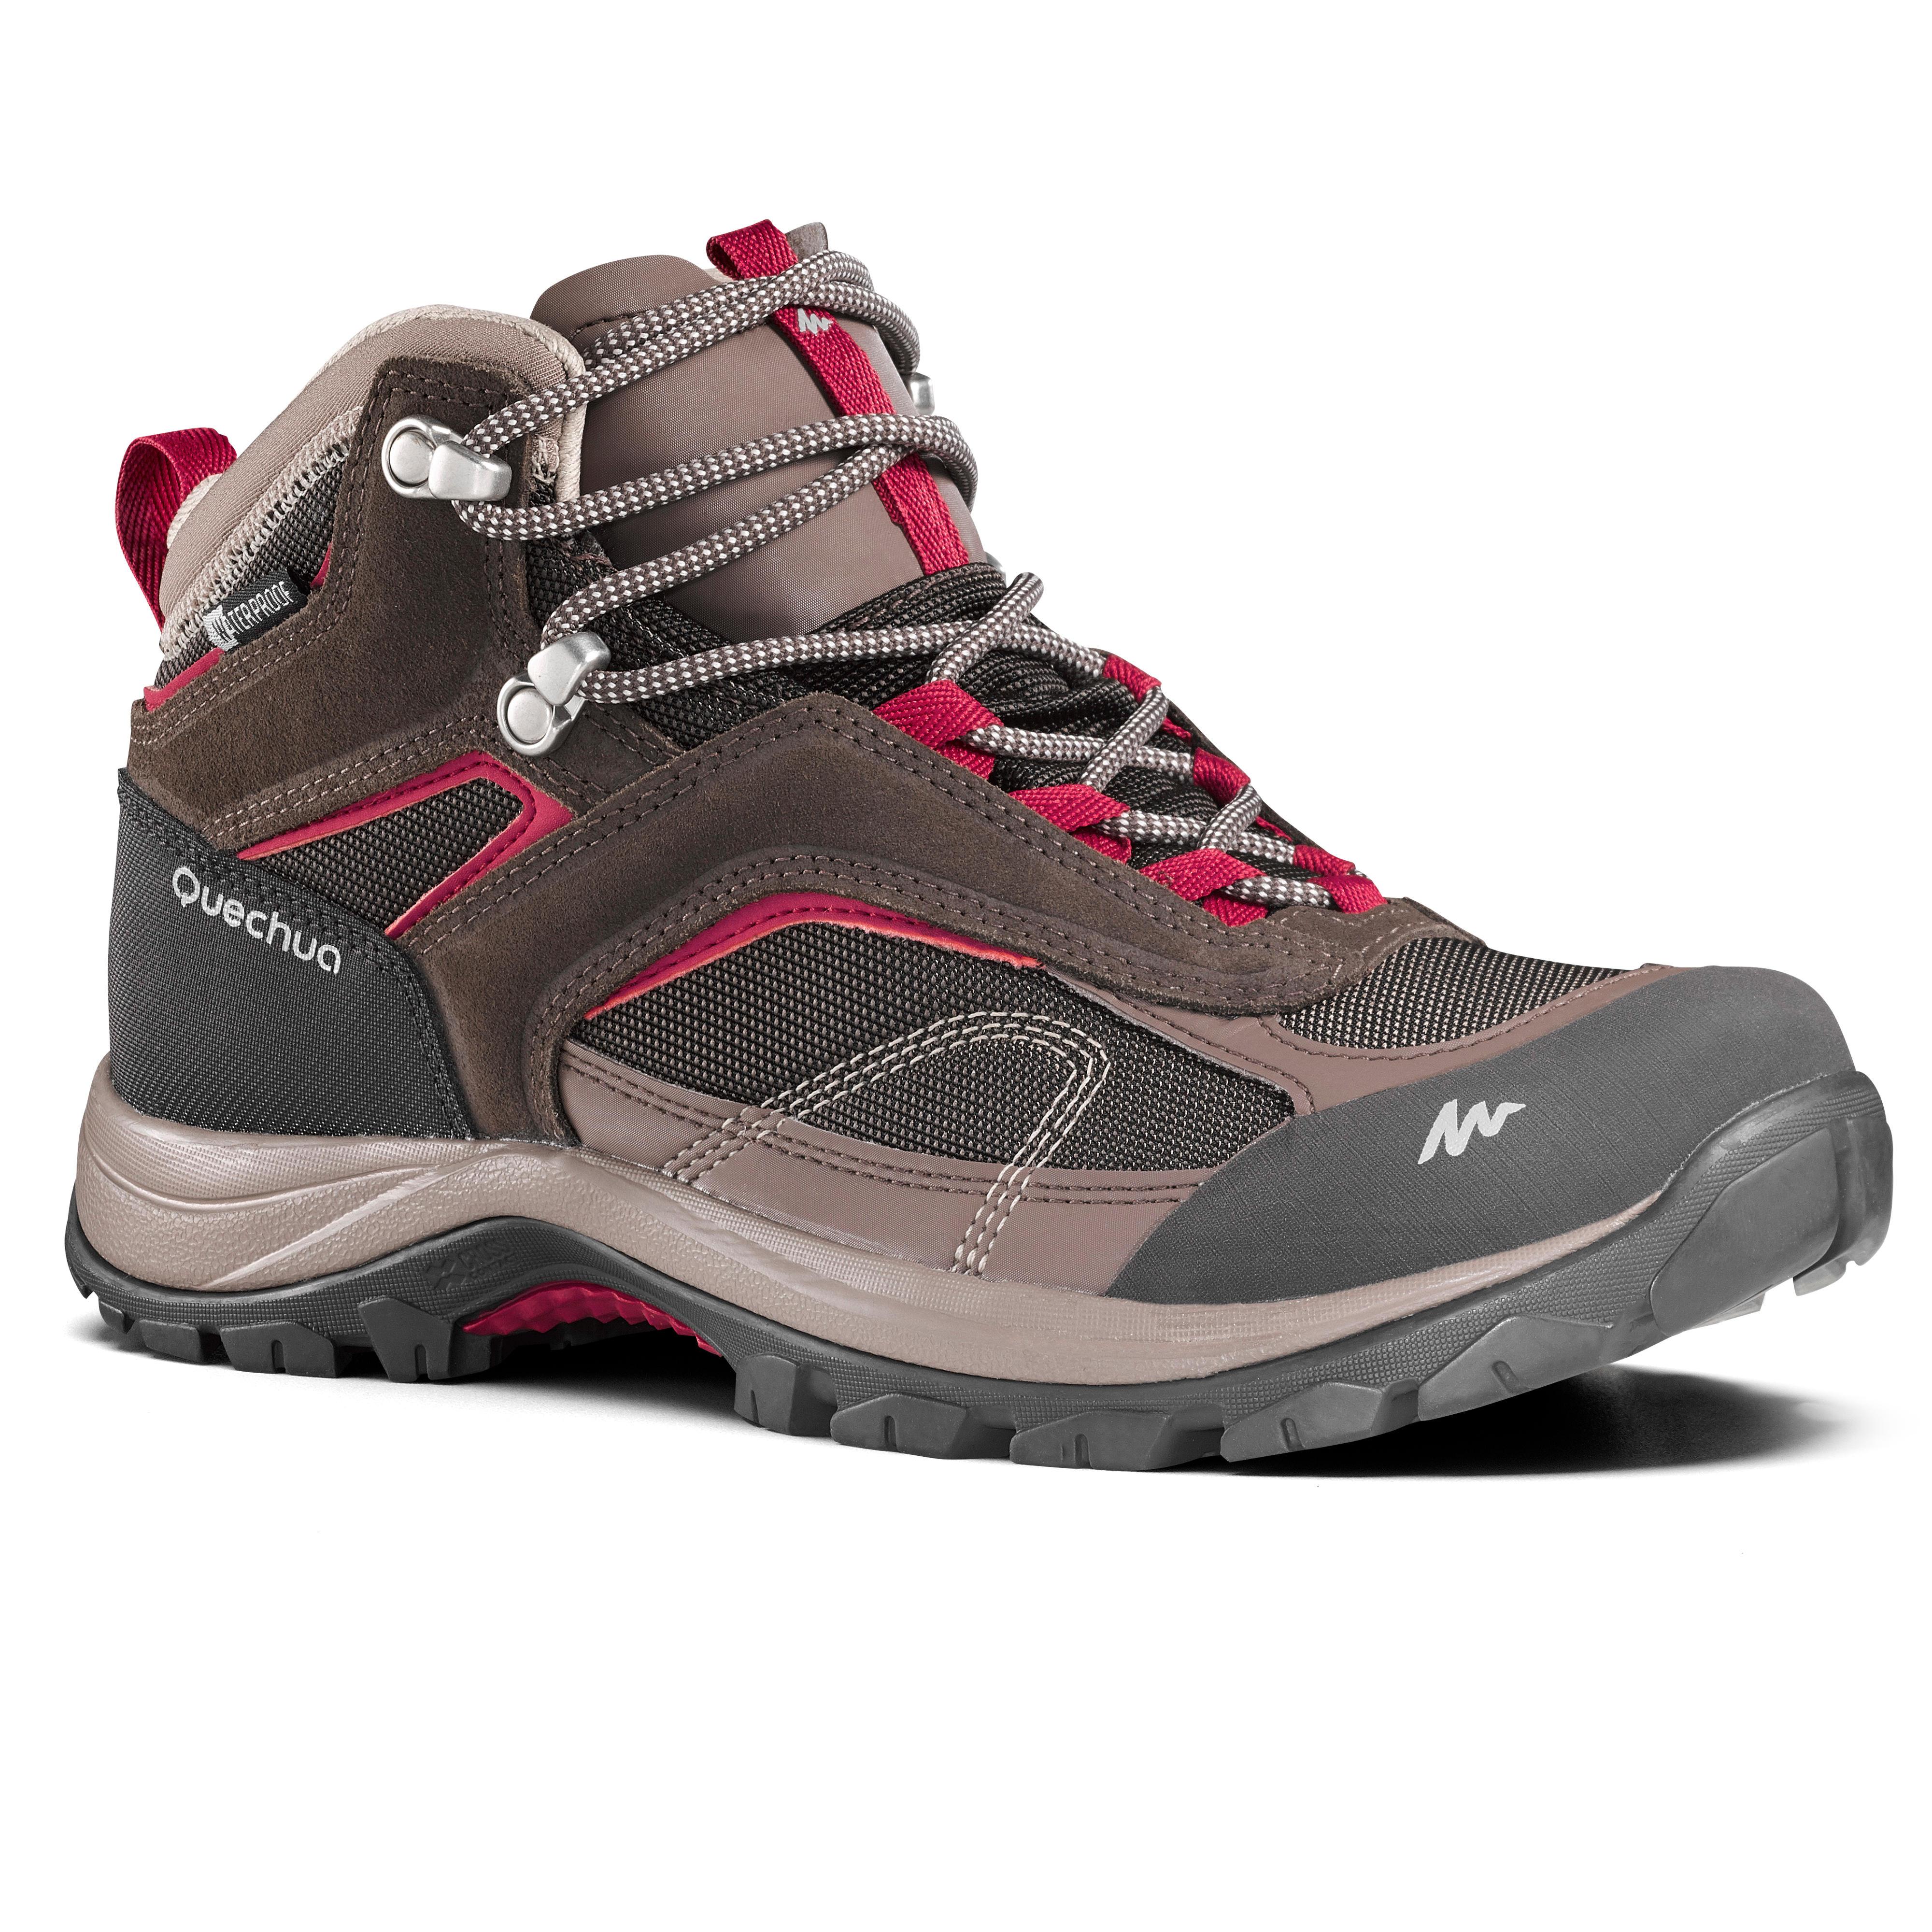 c2da3fdeaaf Comprar Botas de montaña y trekking mujer MH100 Mid impermeables Marrón